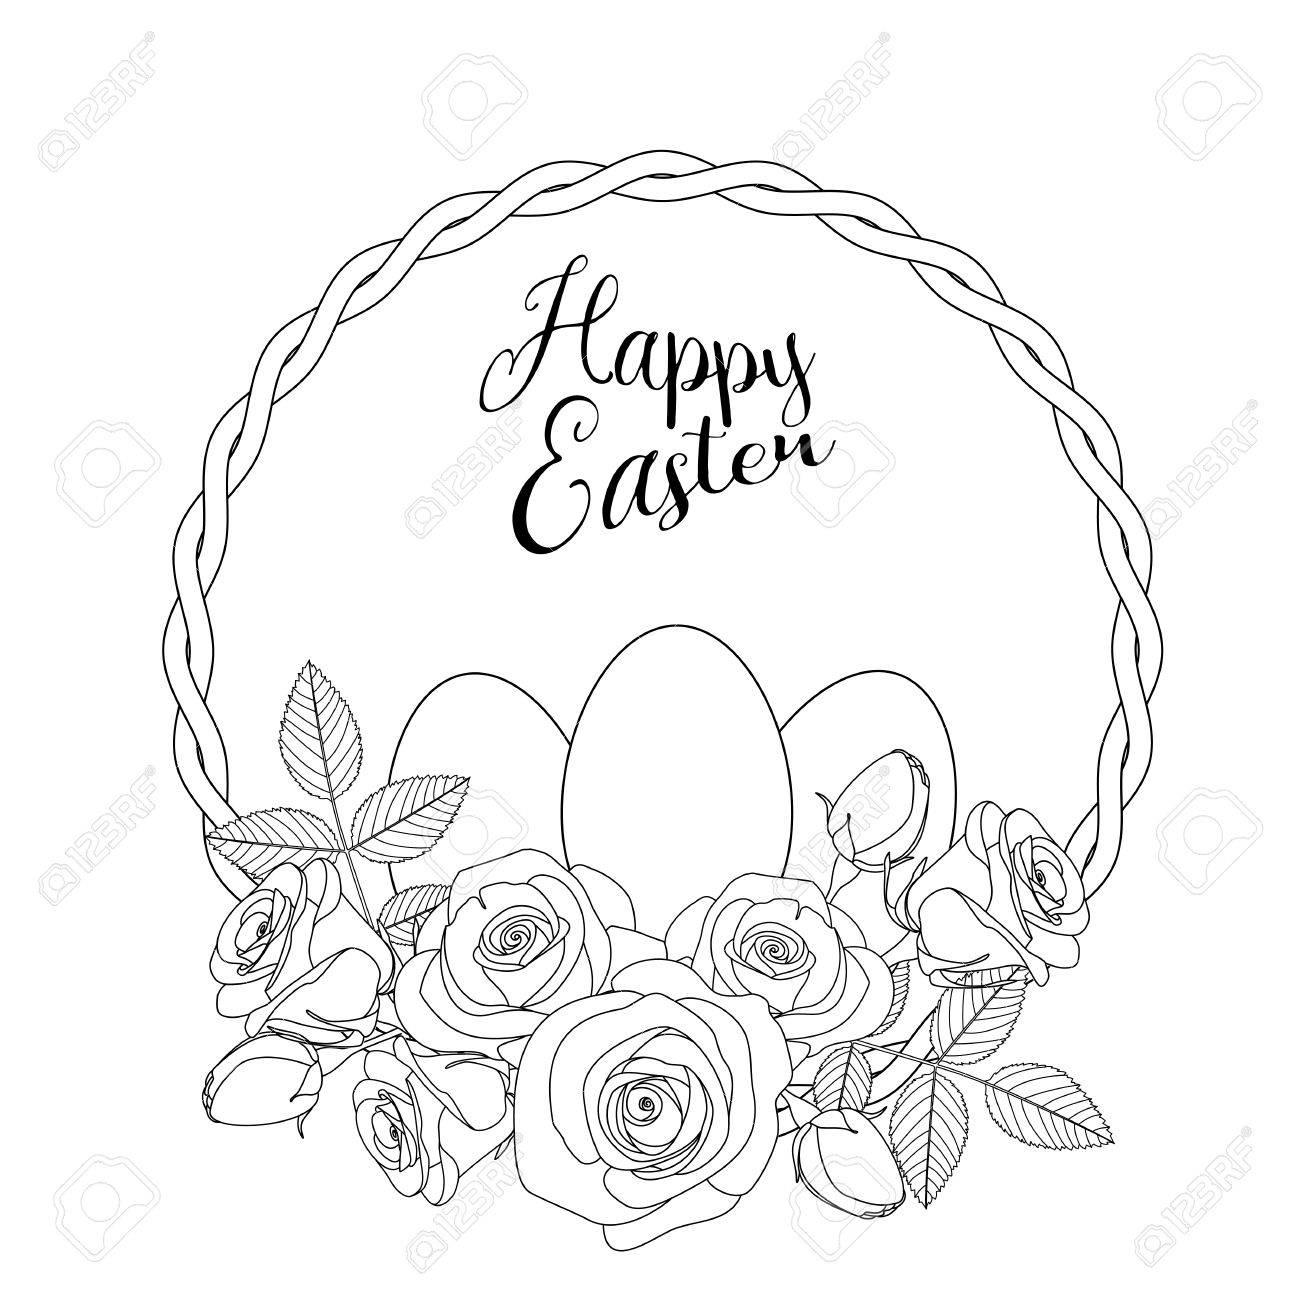 Ostern-Motiv mit weißen Eiern und Rosen, Malvorlagen für Erwachsene,  Vektor-Illustration